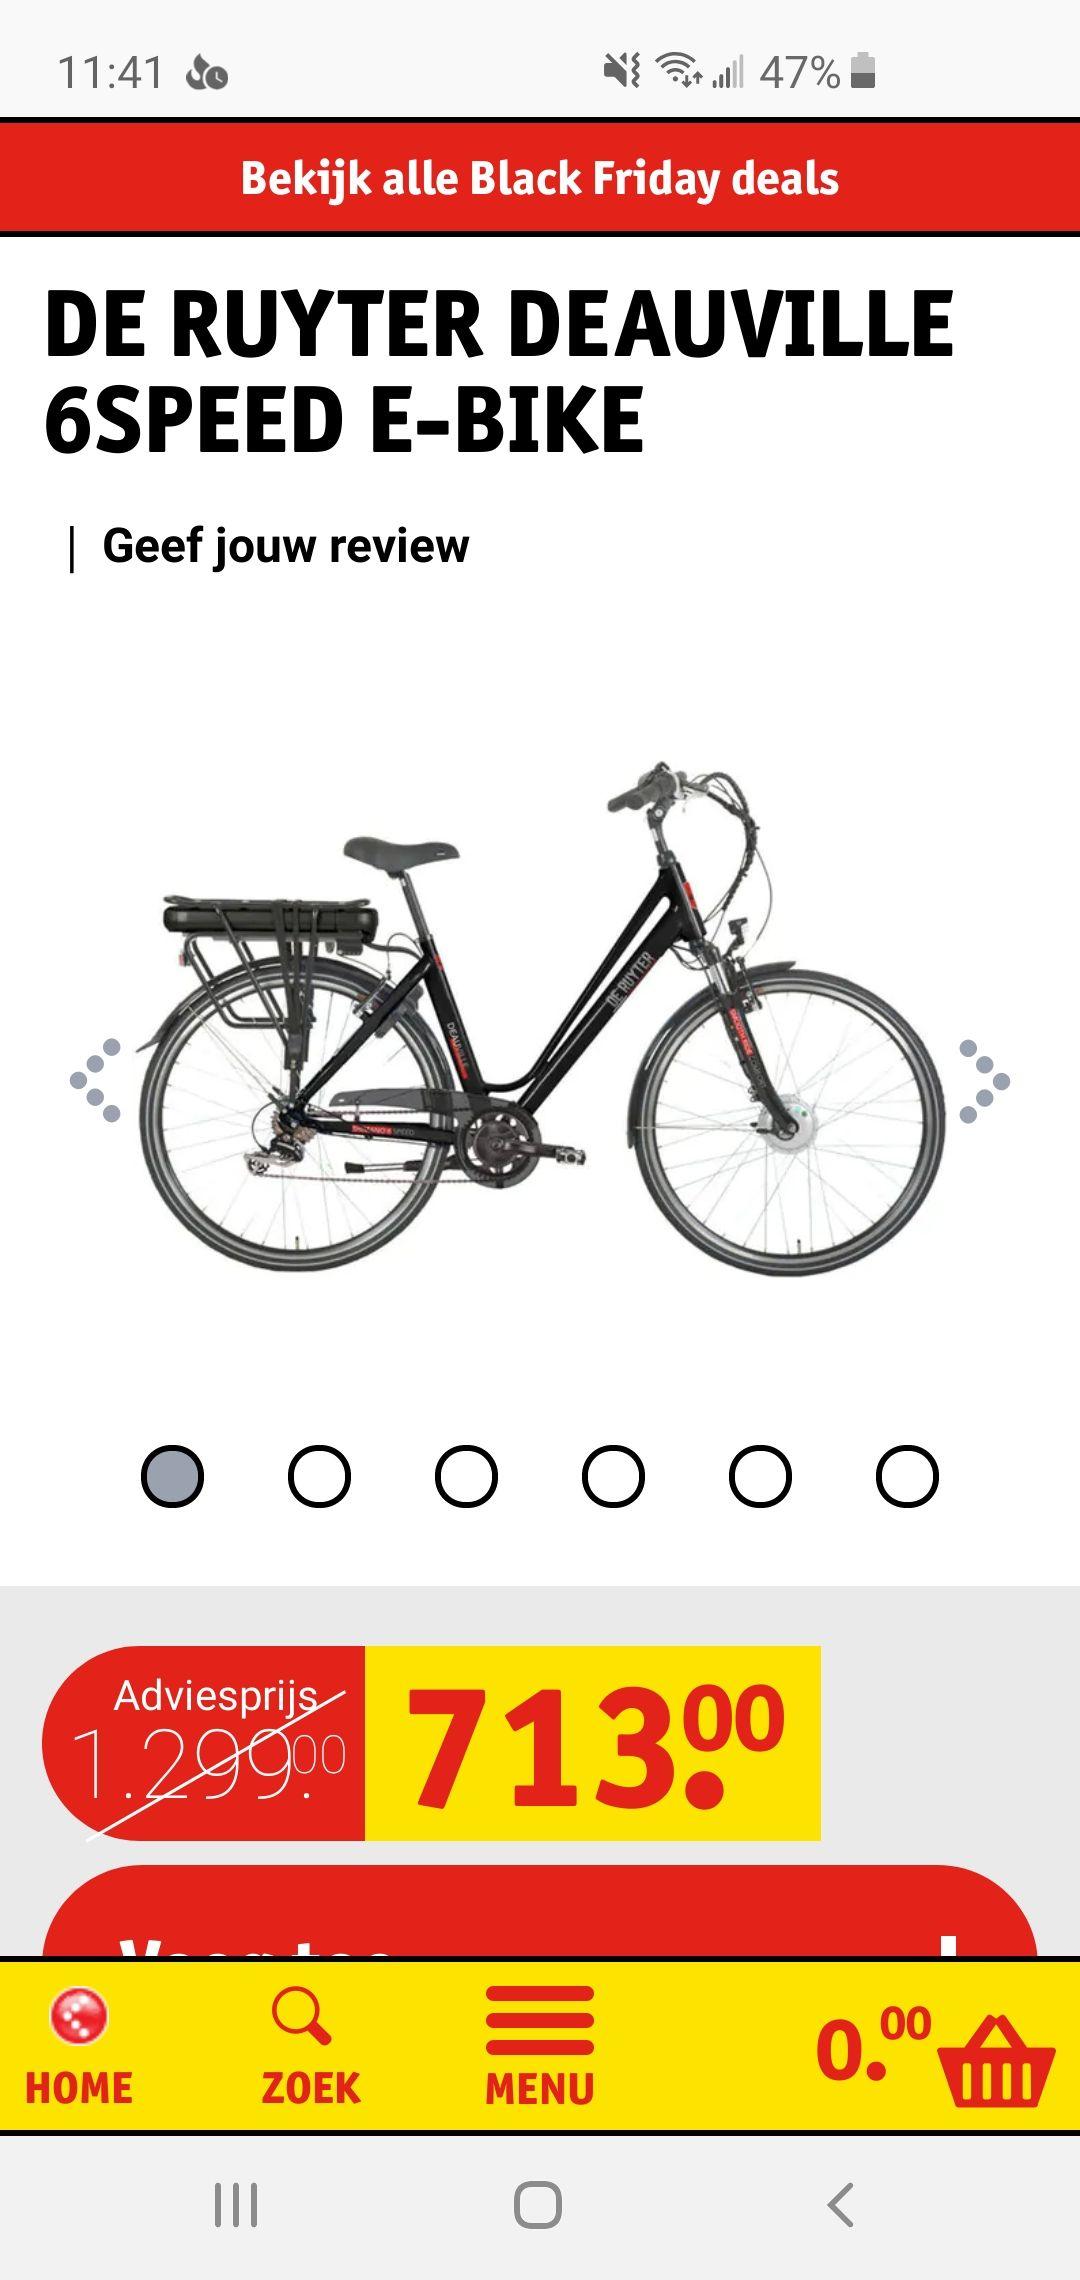 De Ruyter Deauville 6speed E-bike